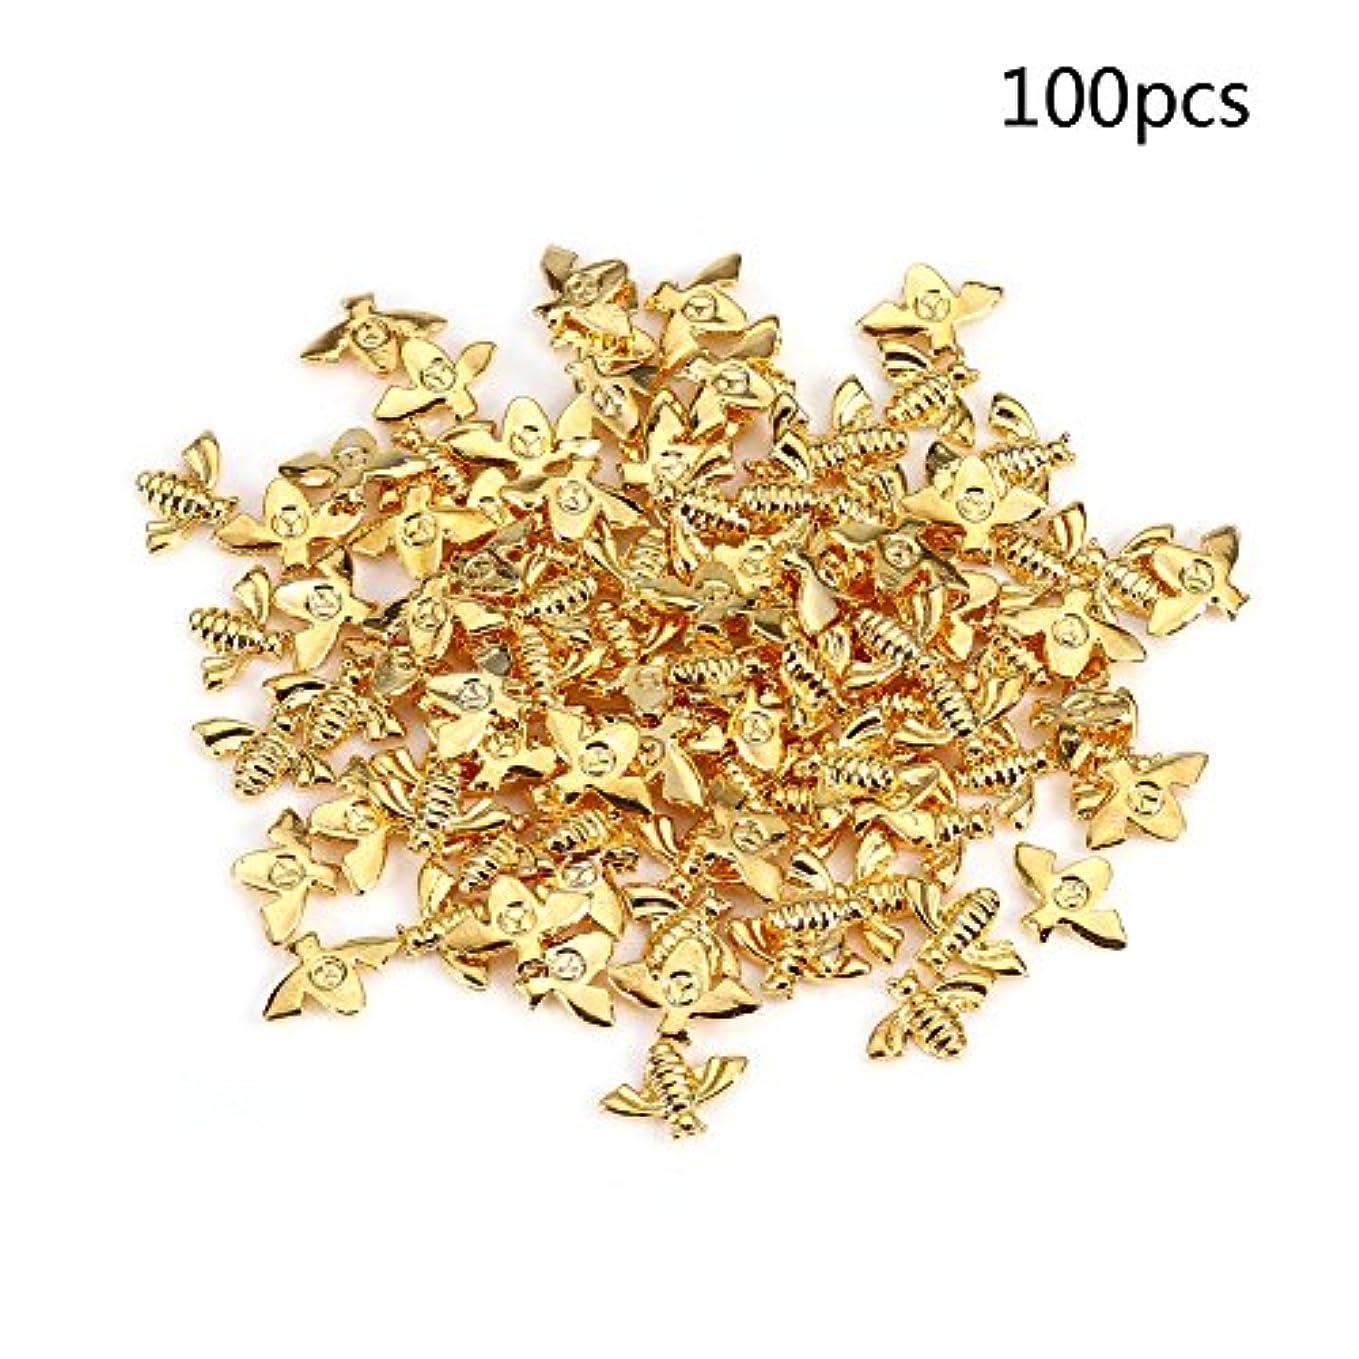 チャネル吸い込む消毒する100pcs/Bag 3Dネイルデコレーション、メタルミツバチゴールドシルバーネイルデカールマニキュア(ゴールド)